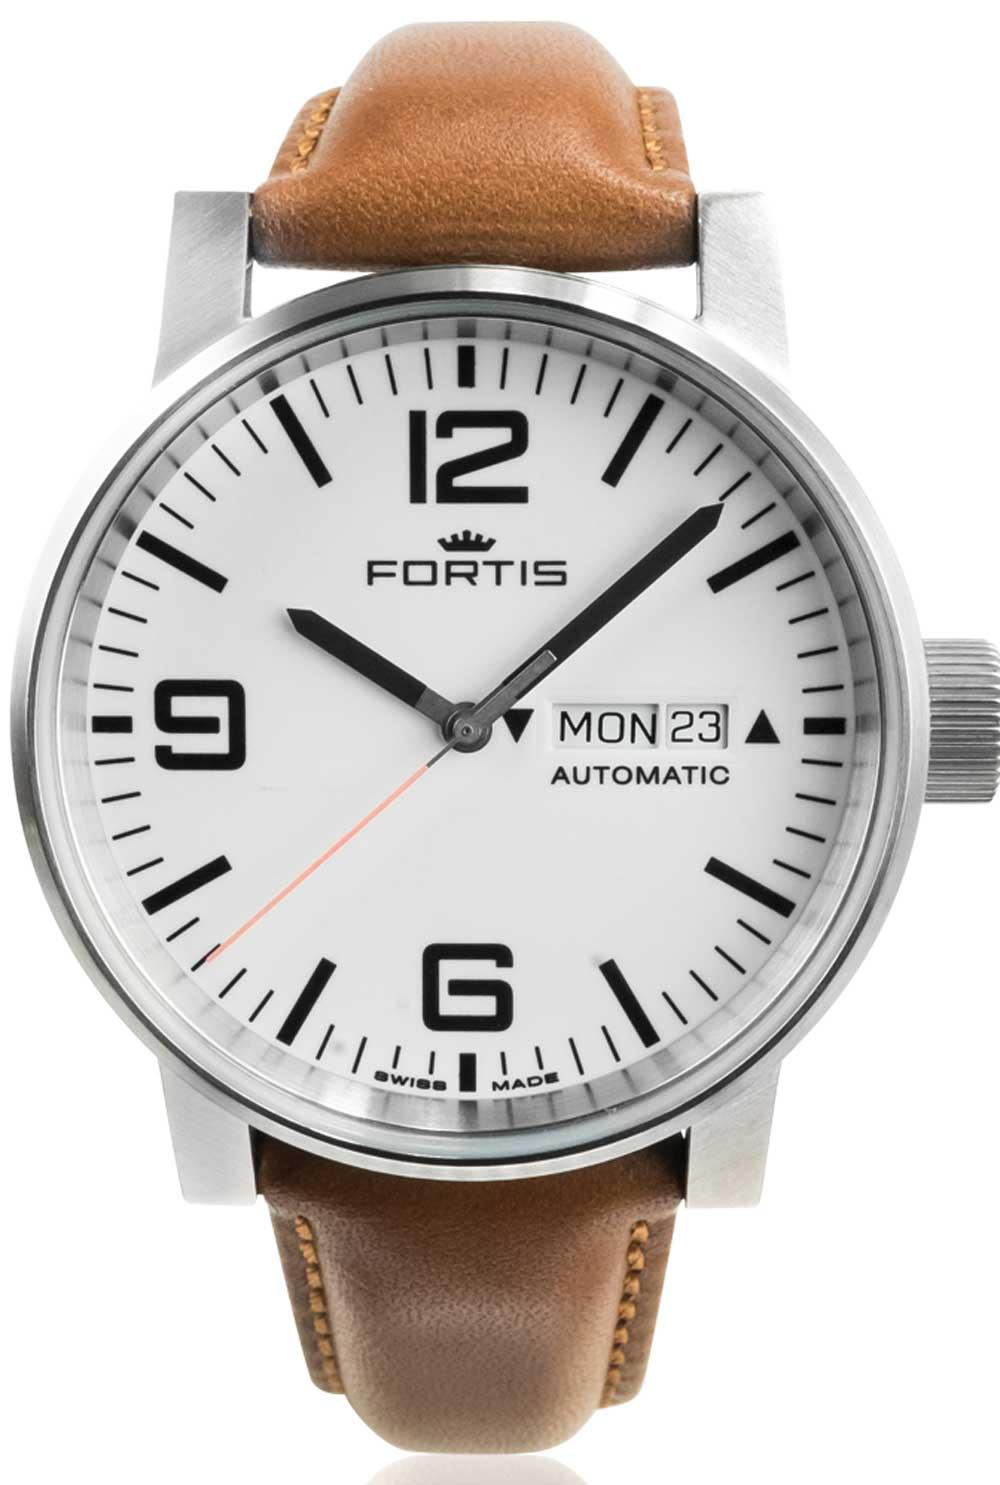 Fortis 623.10.12 L28 Cosmonautis Spacematic Steel Automatik